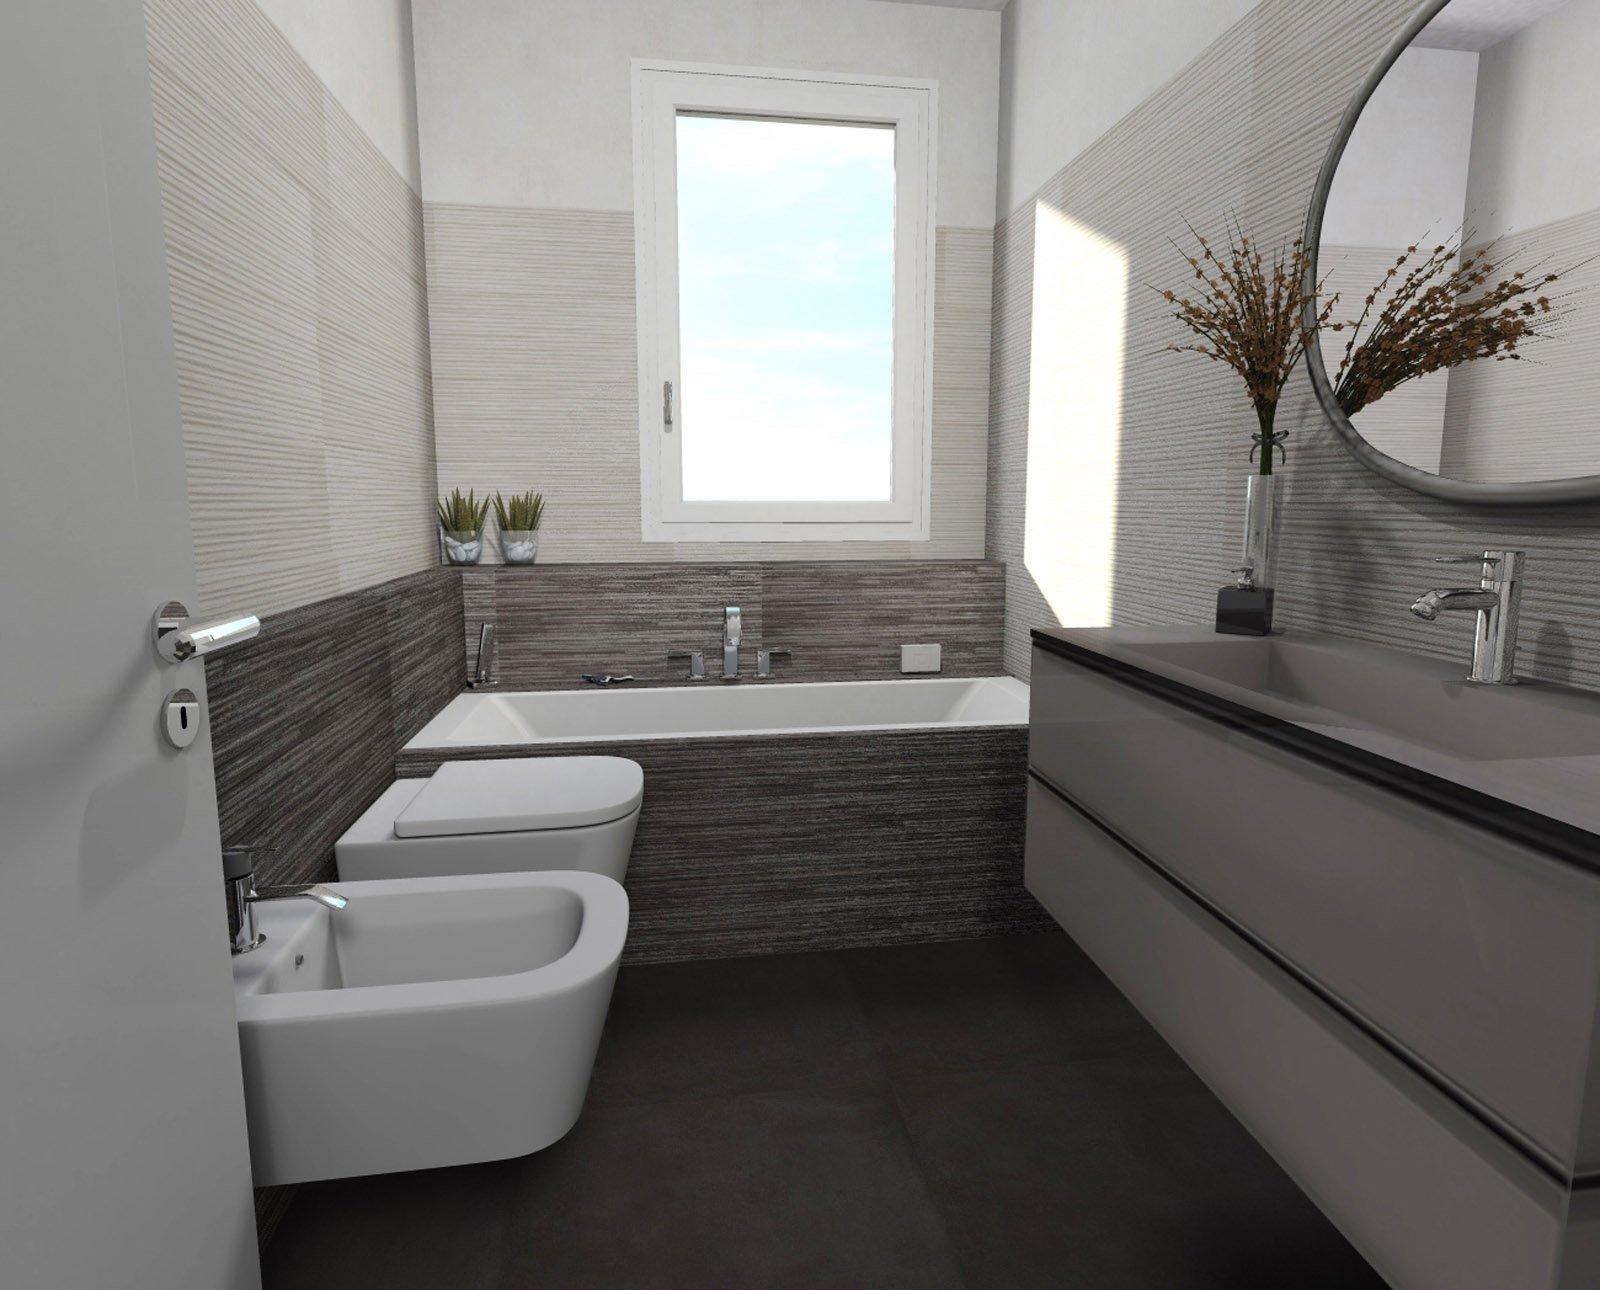 Forum un aiutino per il bagno - Scaldare il bagno elettricamente ...